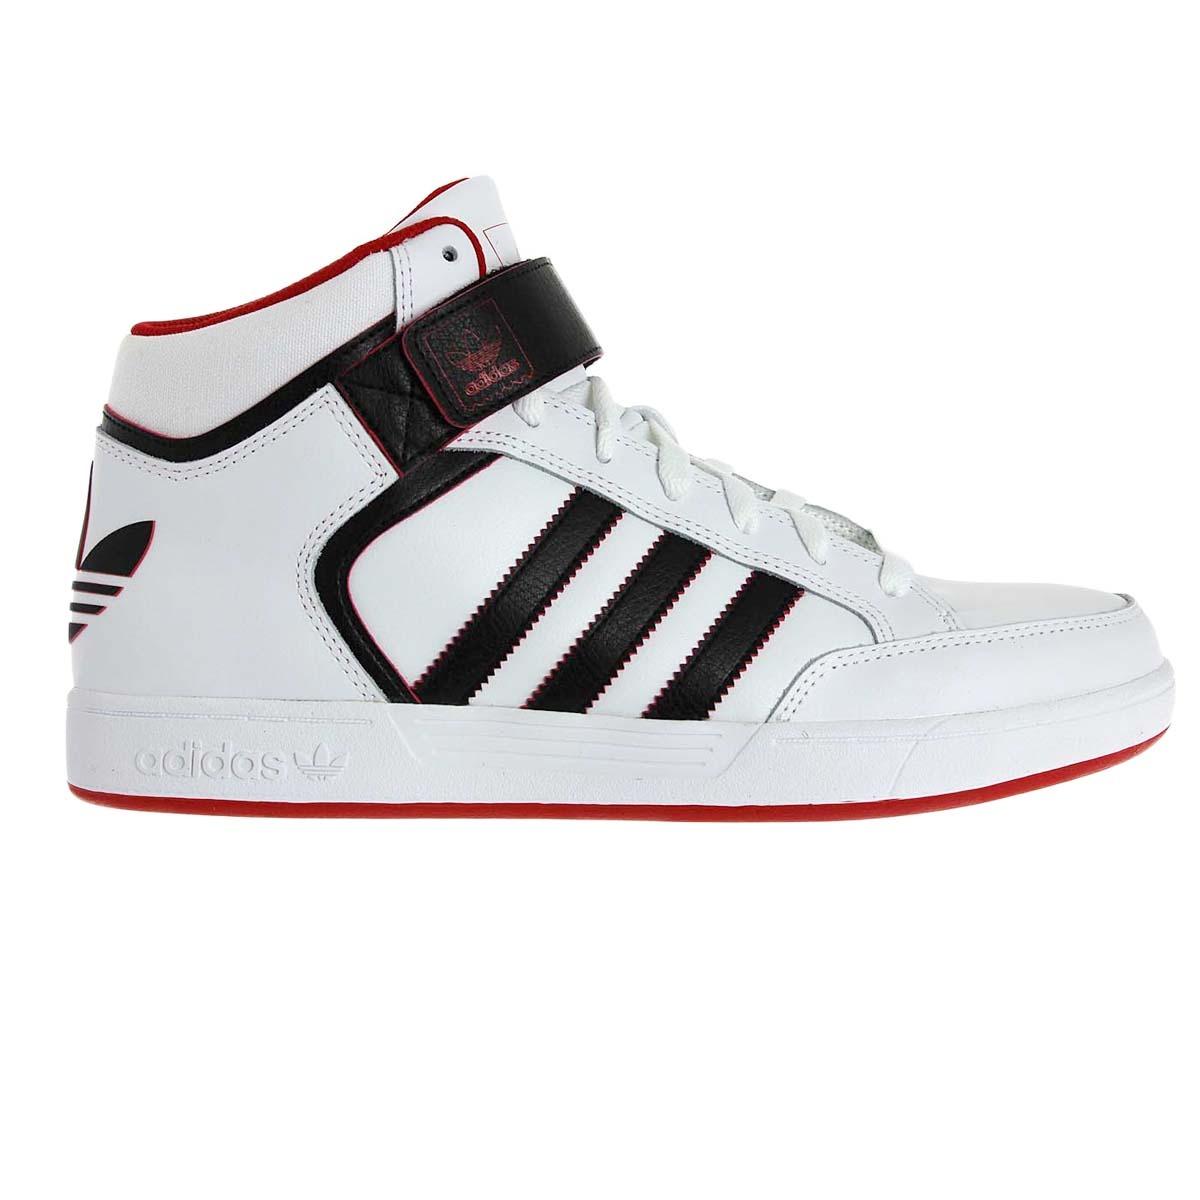 25f54bfc2 Botas adidas Original Moda Varial Mid Hombre Bl/ng - $ 899,00 en ...